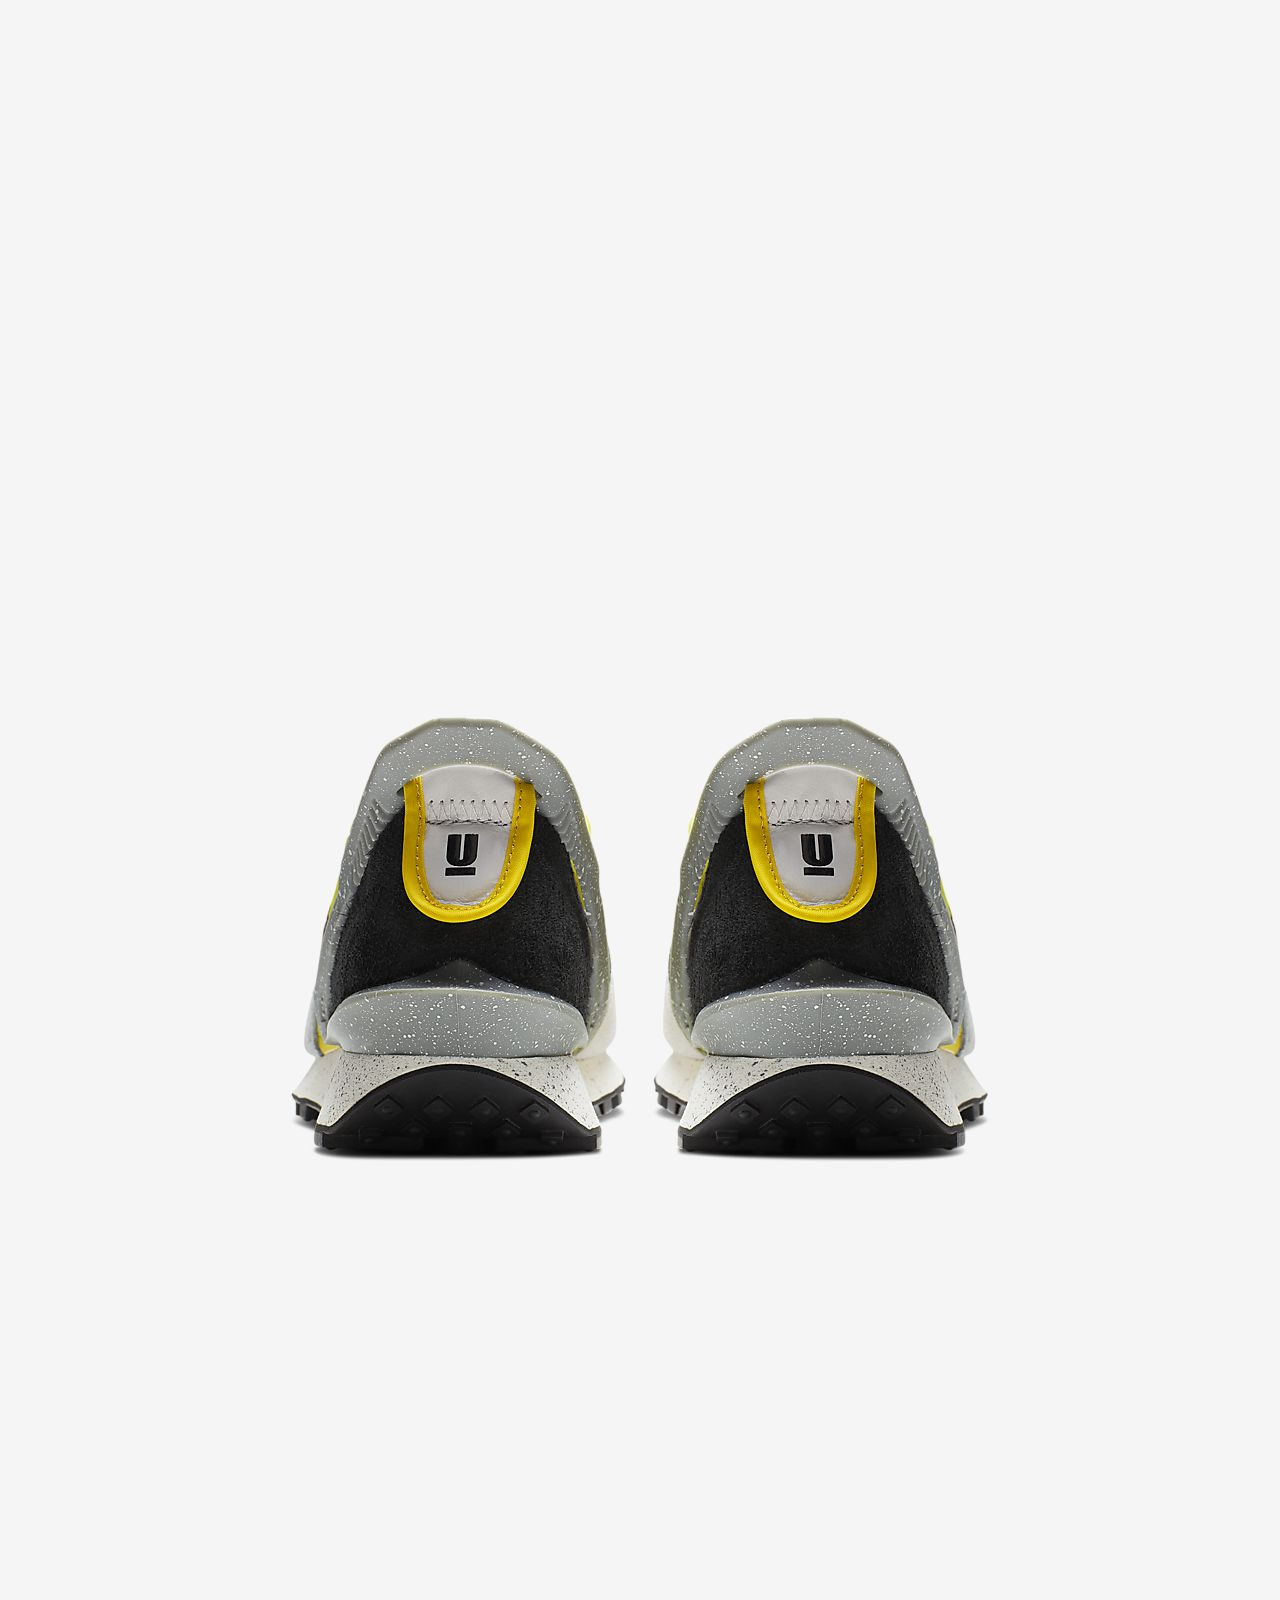 Nike x Undercover Daybreak sko til herre